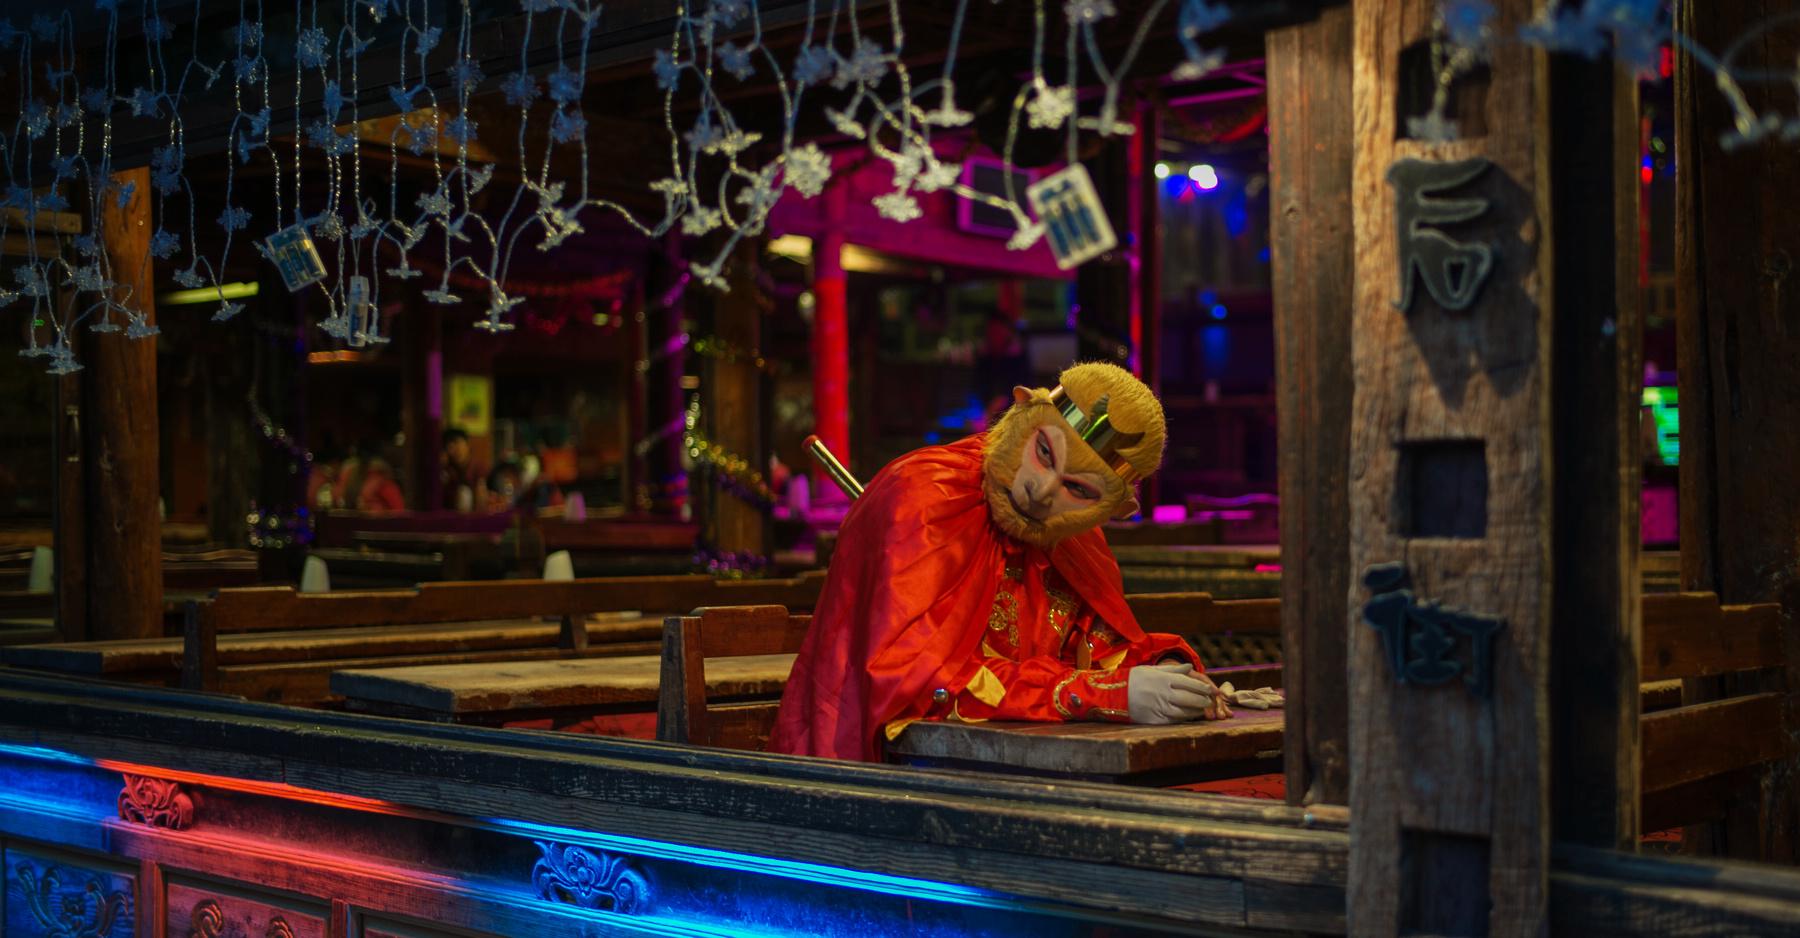 如此悲伤作品:丽江古城酒吧